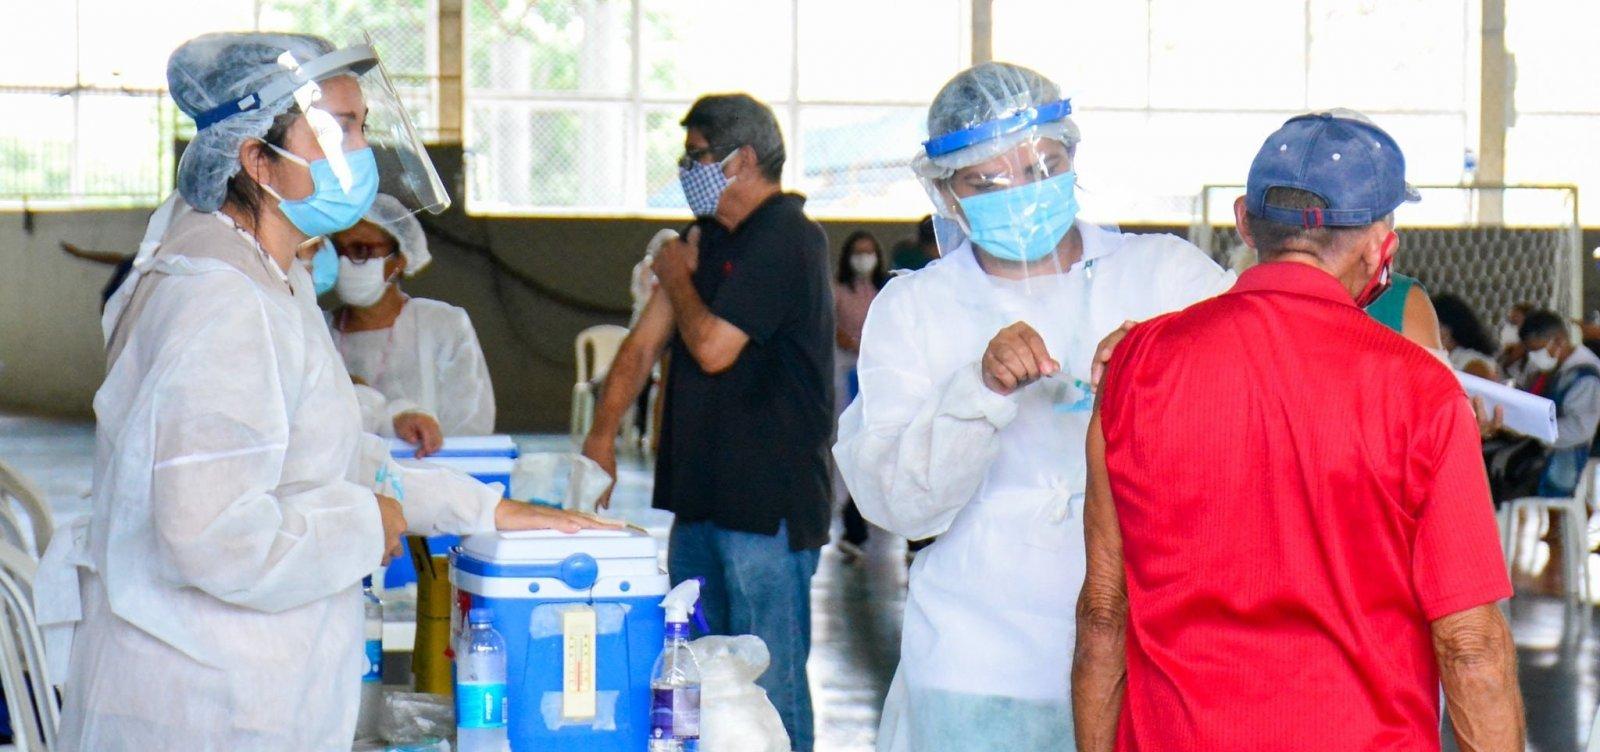 [Receberam a primeira dose da vacina 0,3% da população brasileira, diz consórcio de imprensa]